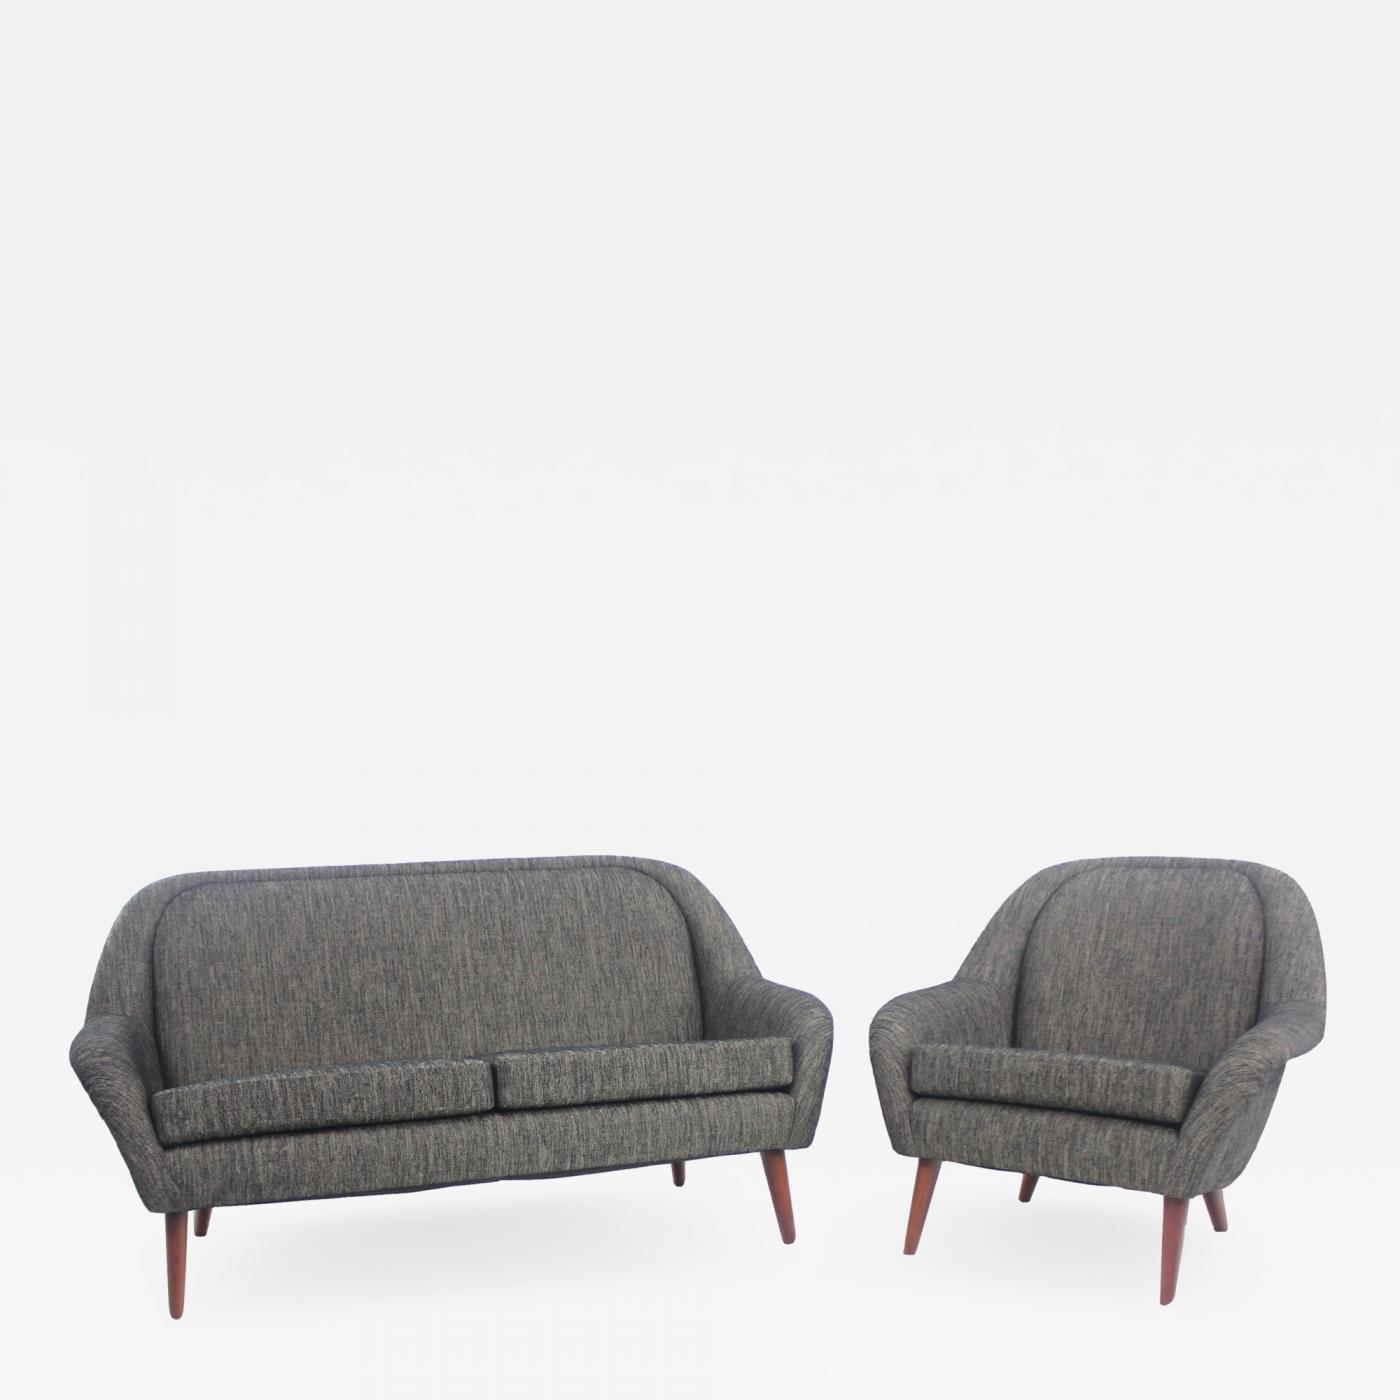 Groovy Classic Scandinavian Modern Sofa Chair Set Beatyapartments Chair Design Images Beatyapartmentscom